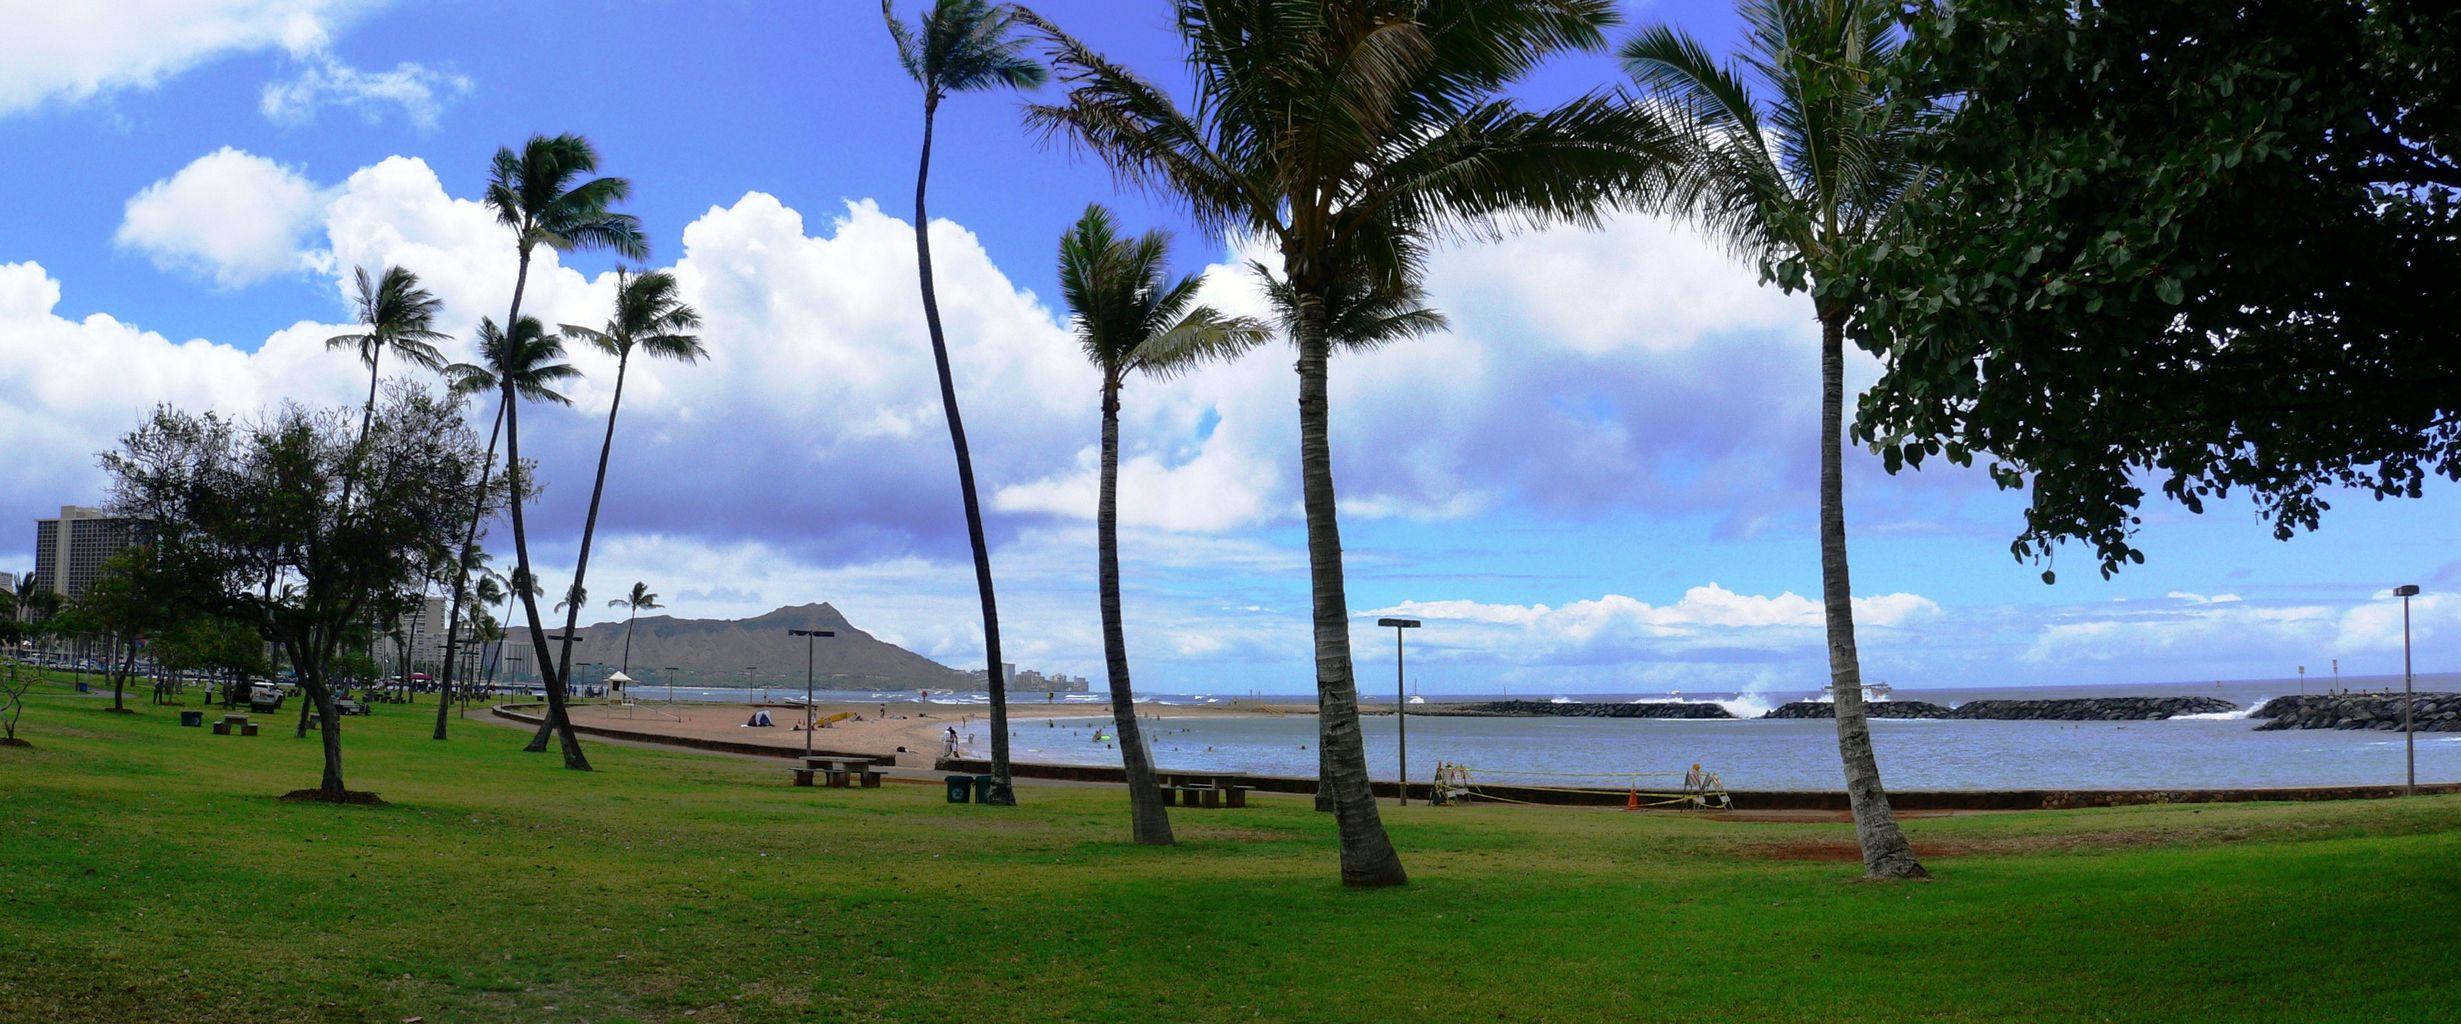 ハワイ 古いパノラマ写真ですが・・・